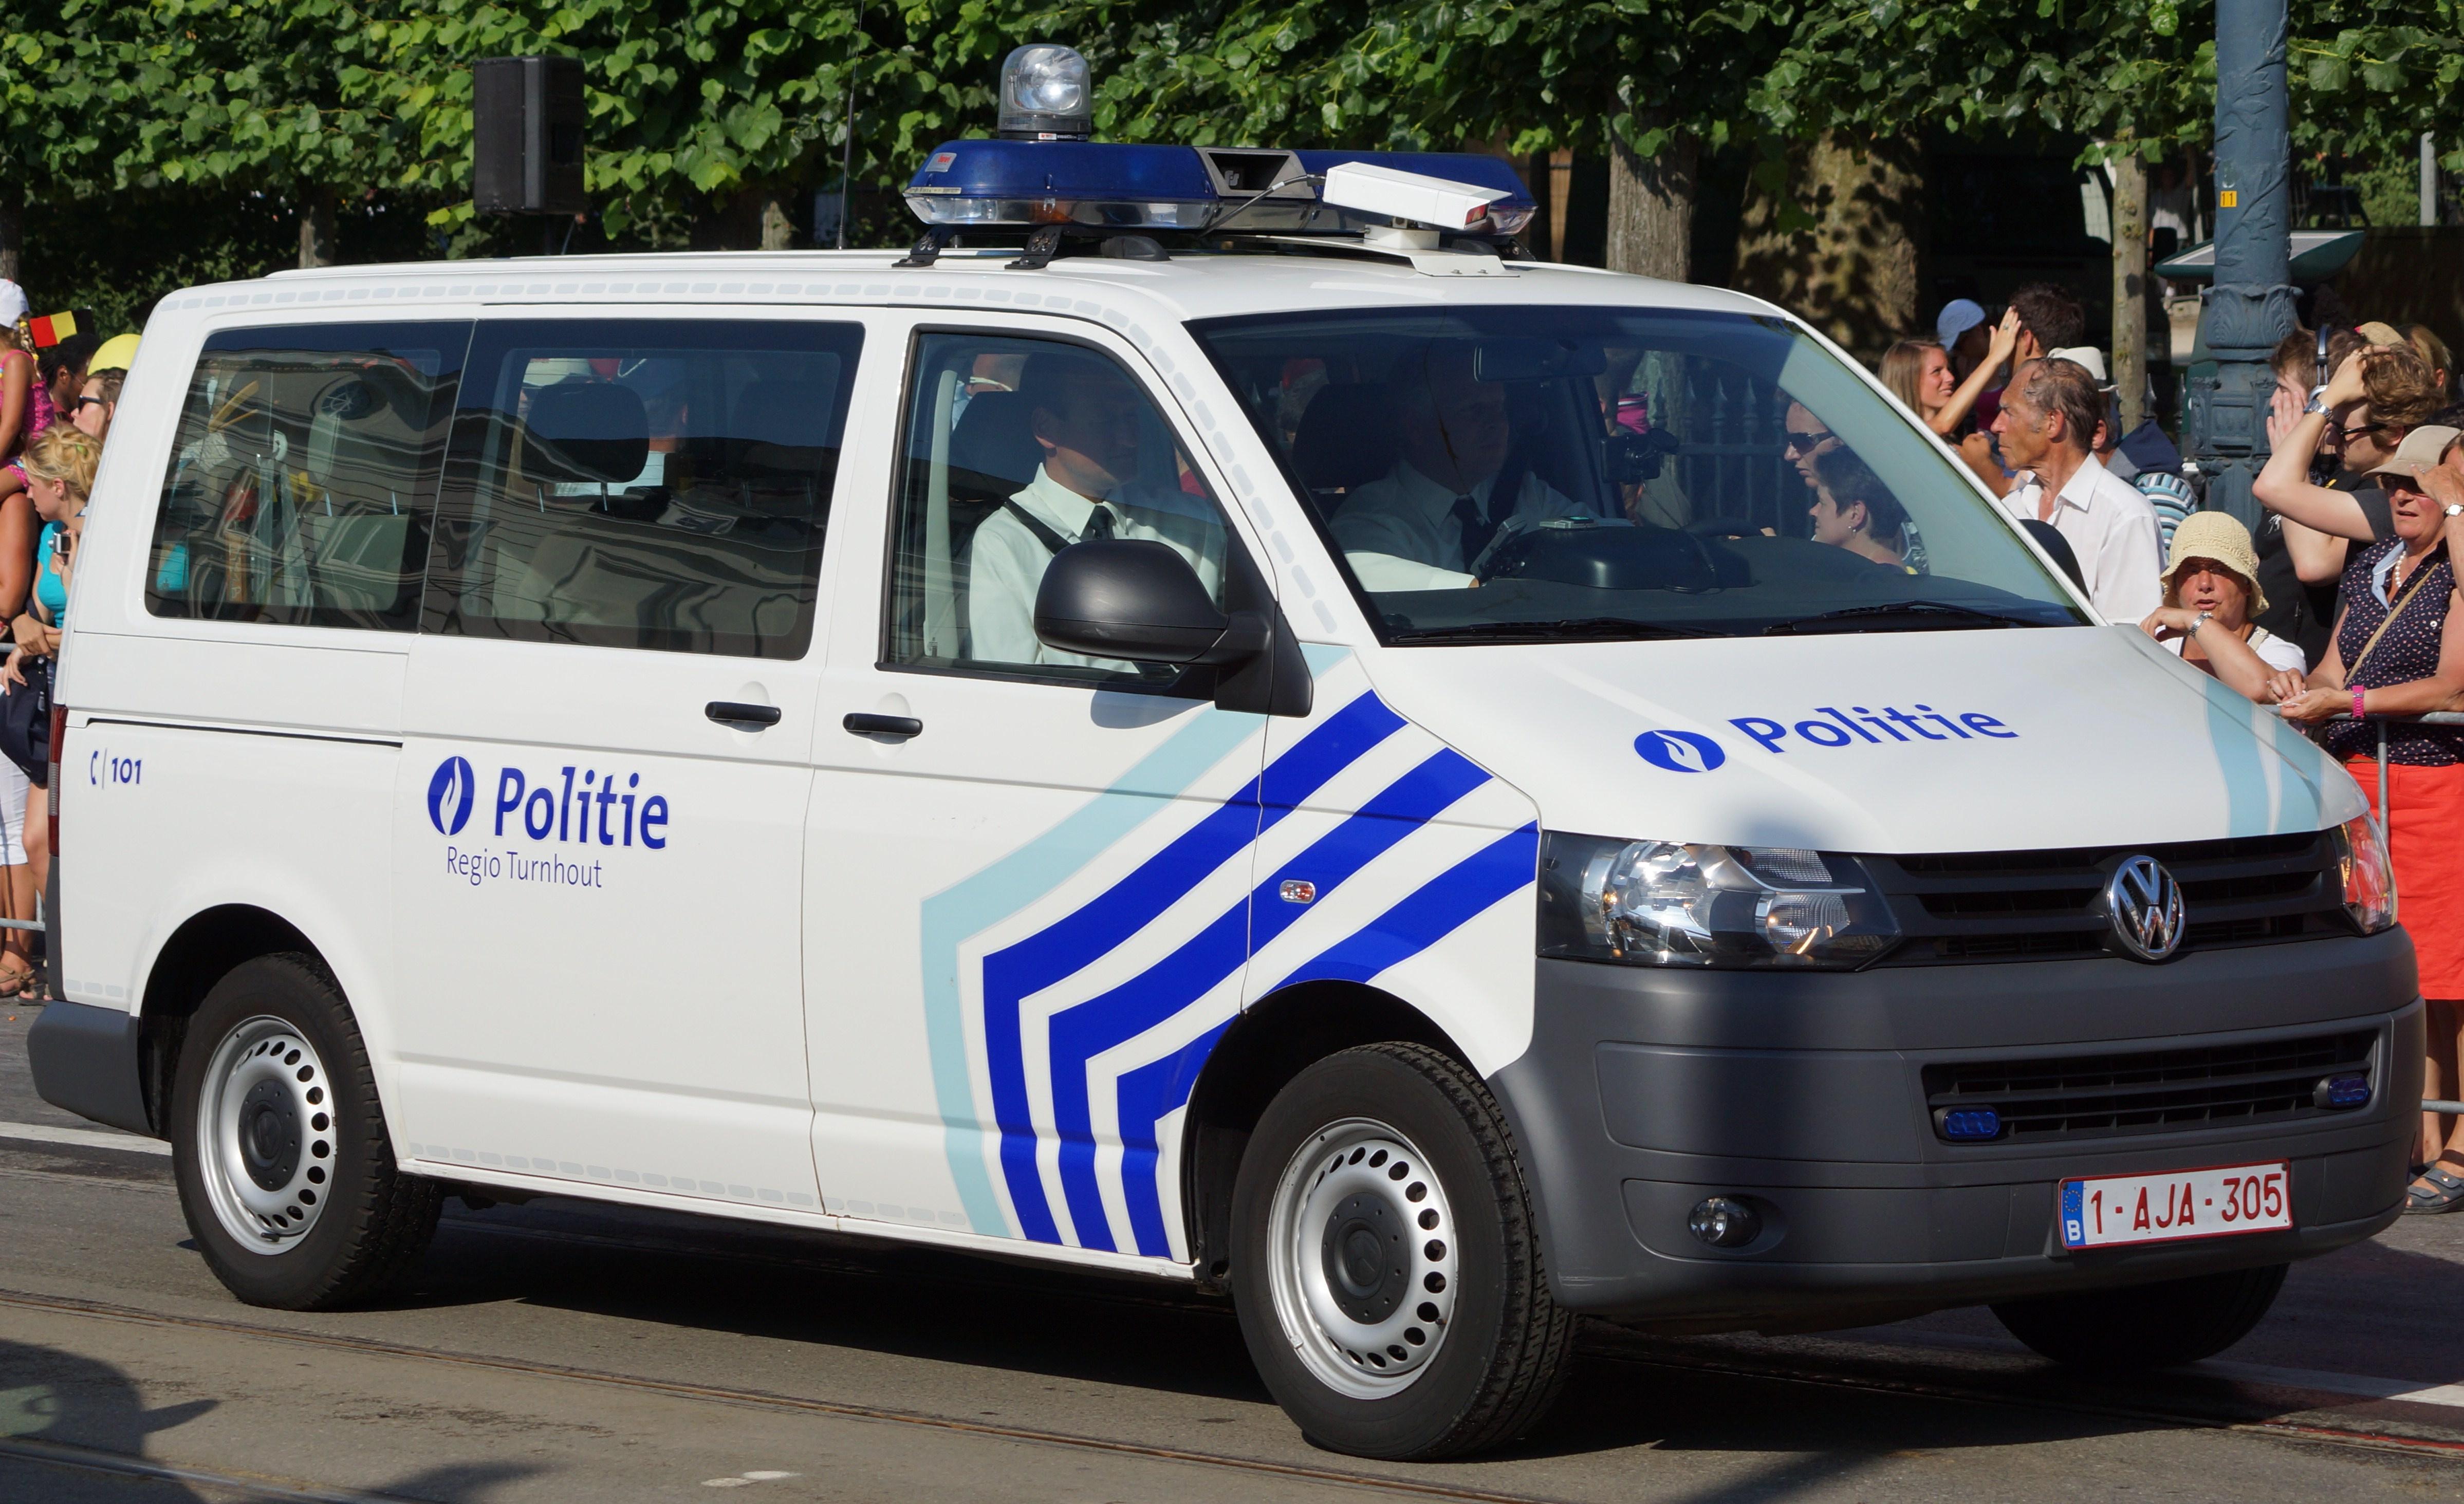 belgian belgique volkswagen t5 police locale gta5. Black Bedroom Furniture Sets. Home Design Ideas